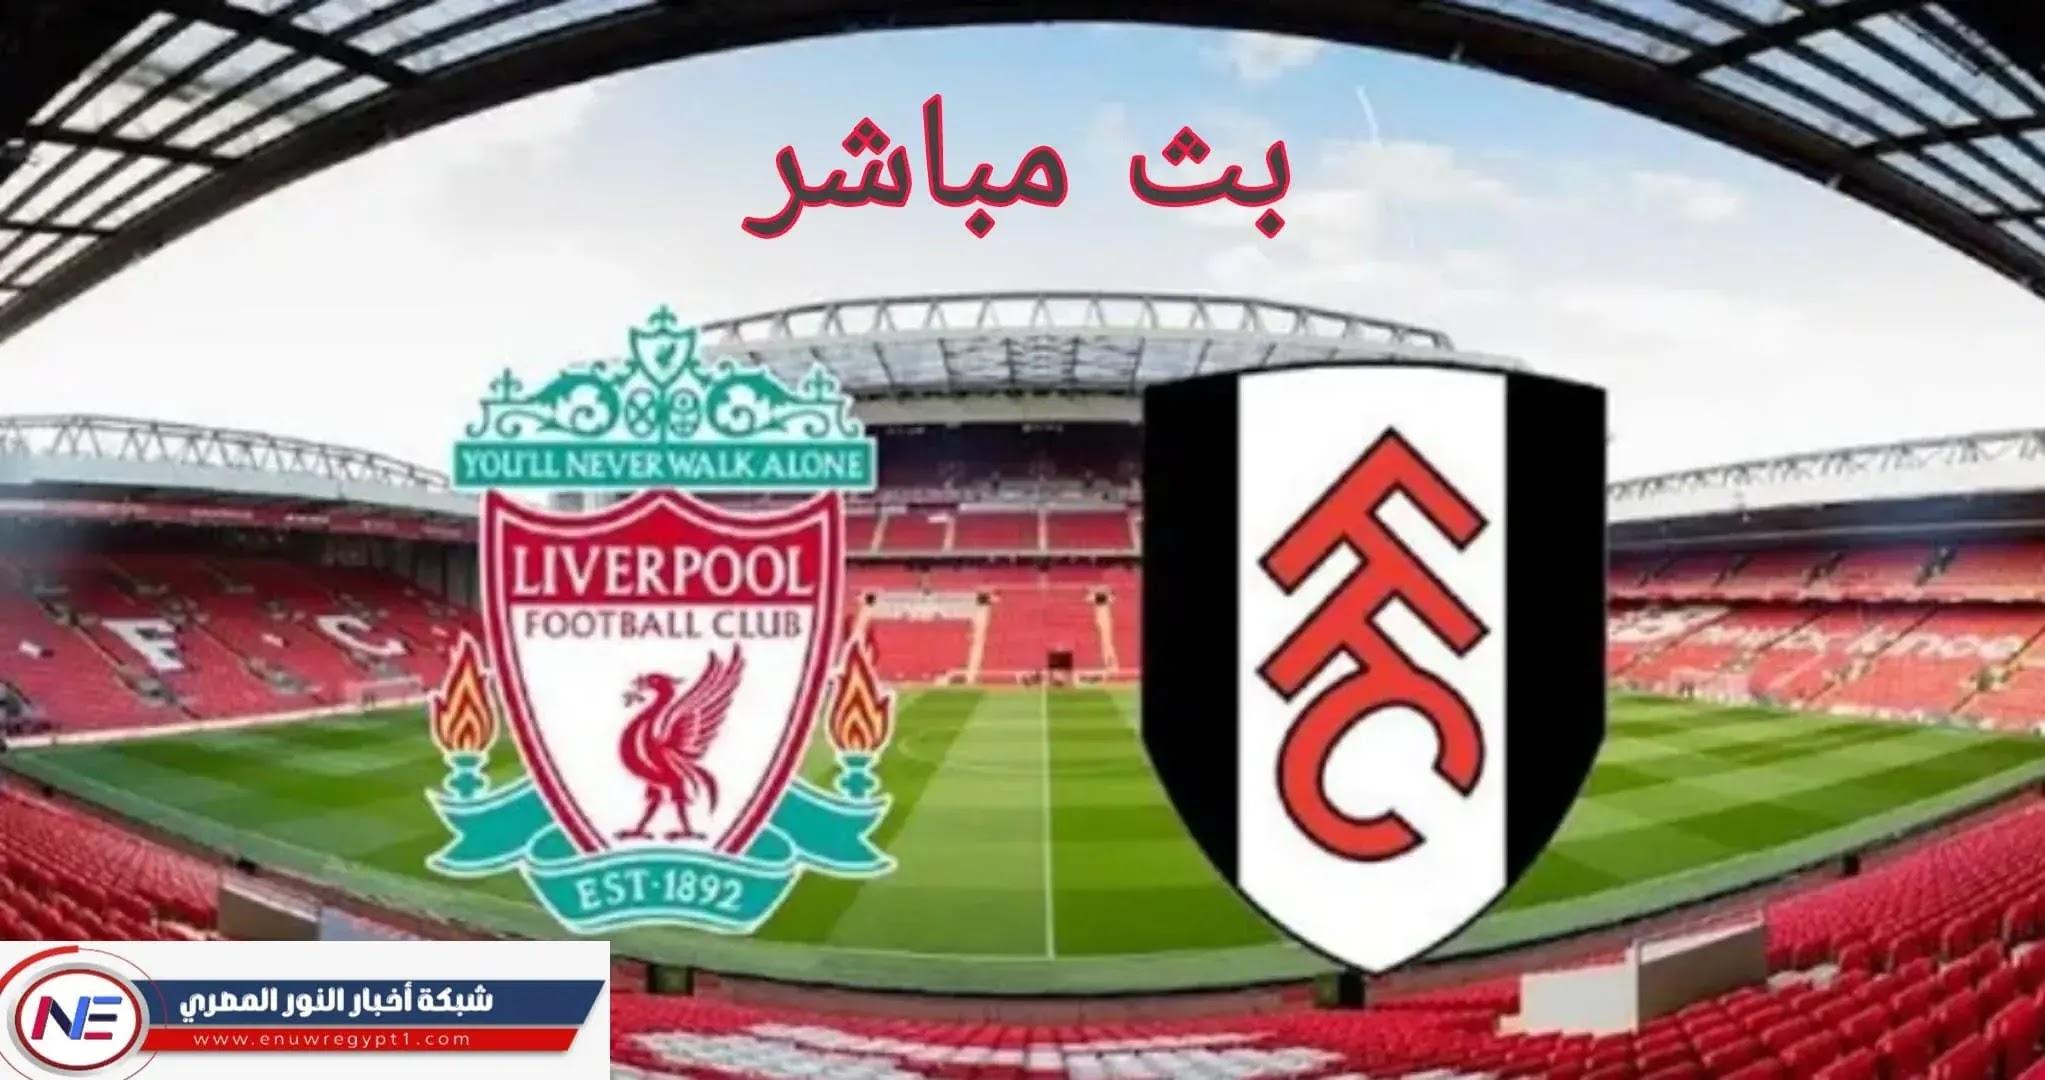 كورة لايف HD | بث مباشر مشاهدة مباراة ليفربول و فولهام اليوم 07-03-2021 لايف في الدورى الانجليزي بجودة عالية بدون تقطيع تعليق عربي